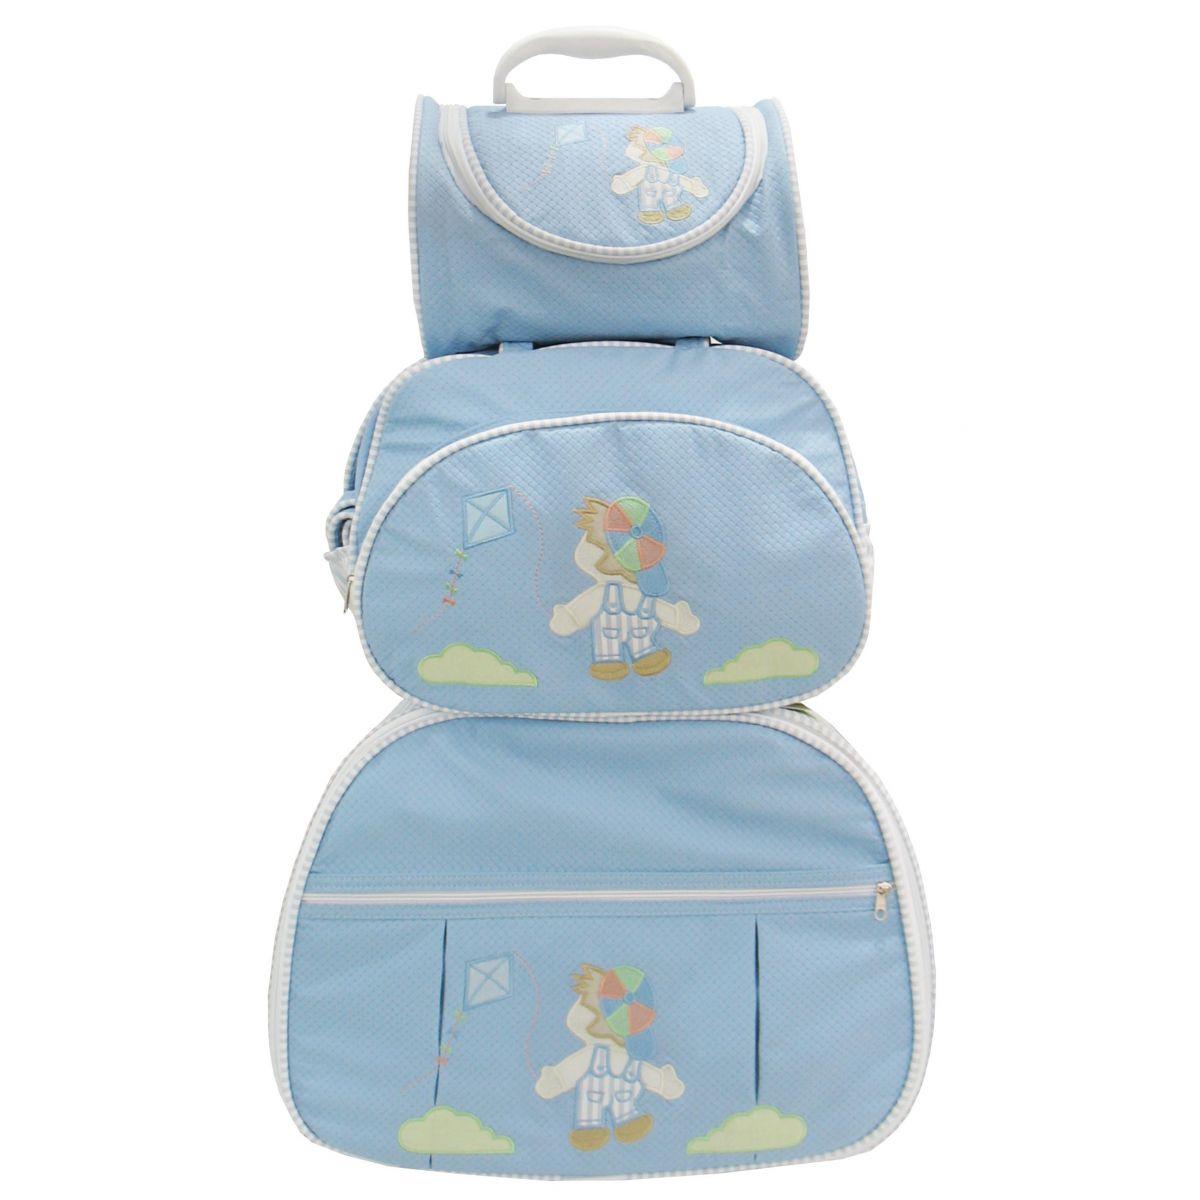 Kit de Bolsa Maternidade Menino Pipa Azul com Listras nas Laterais 3 peças + Brinde